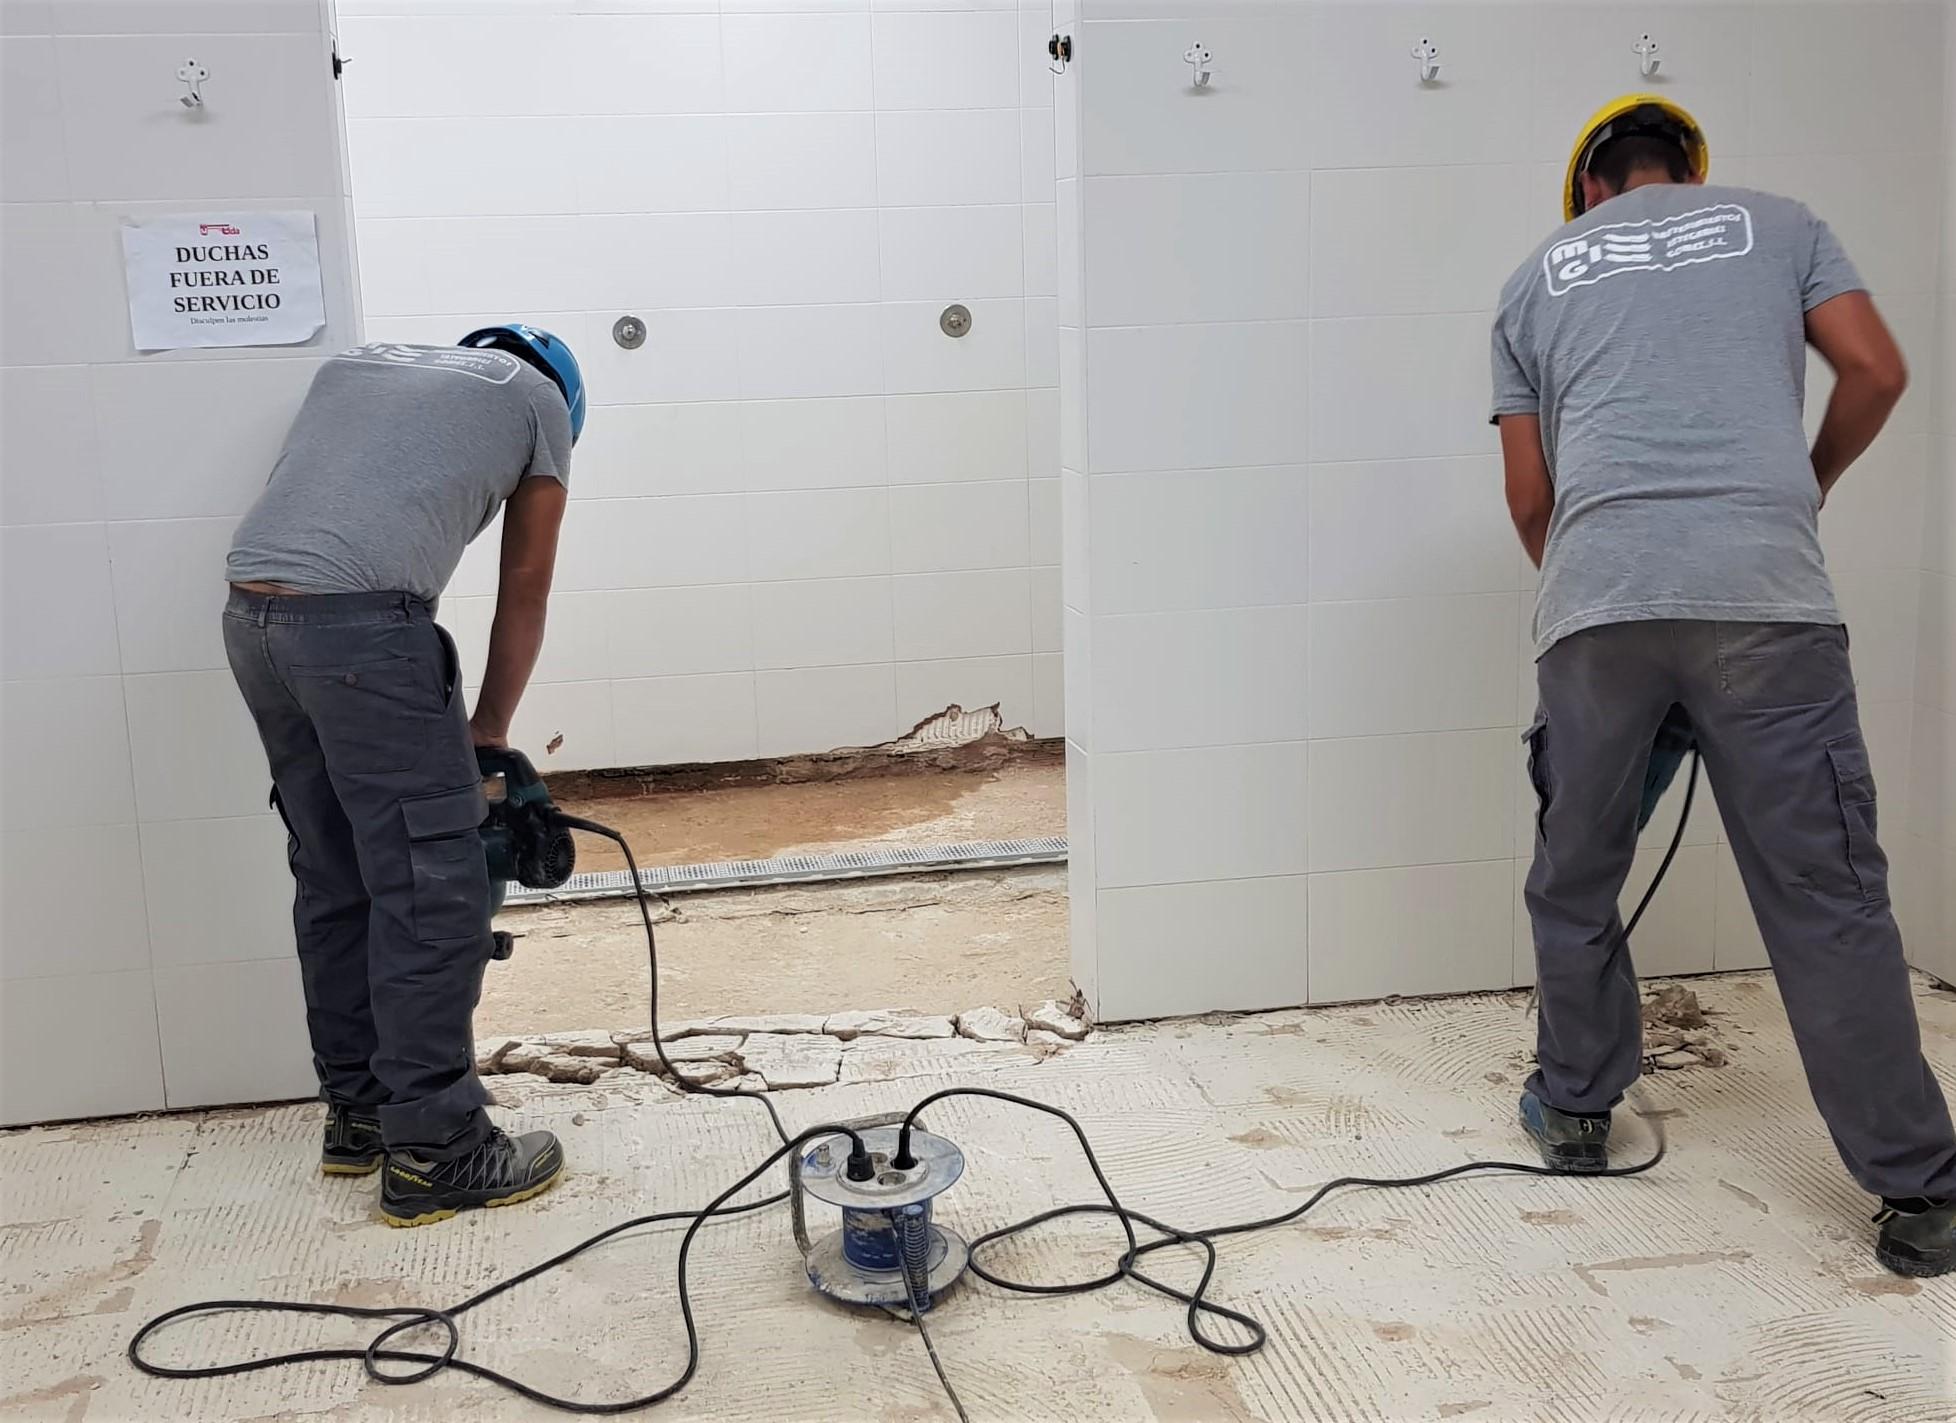 Deportes acomete las obras para subsanar las deficiencias del Nuevo Pepico Amat con el aval incautado a la empresa constructora